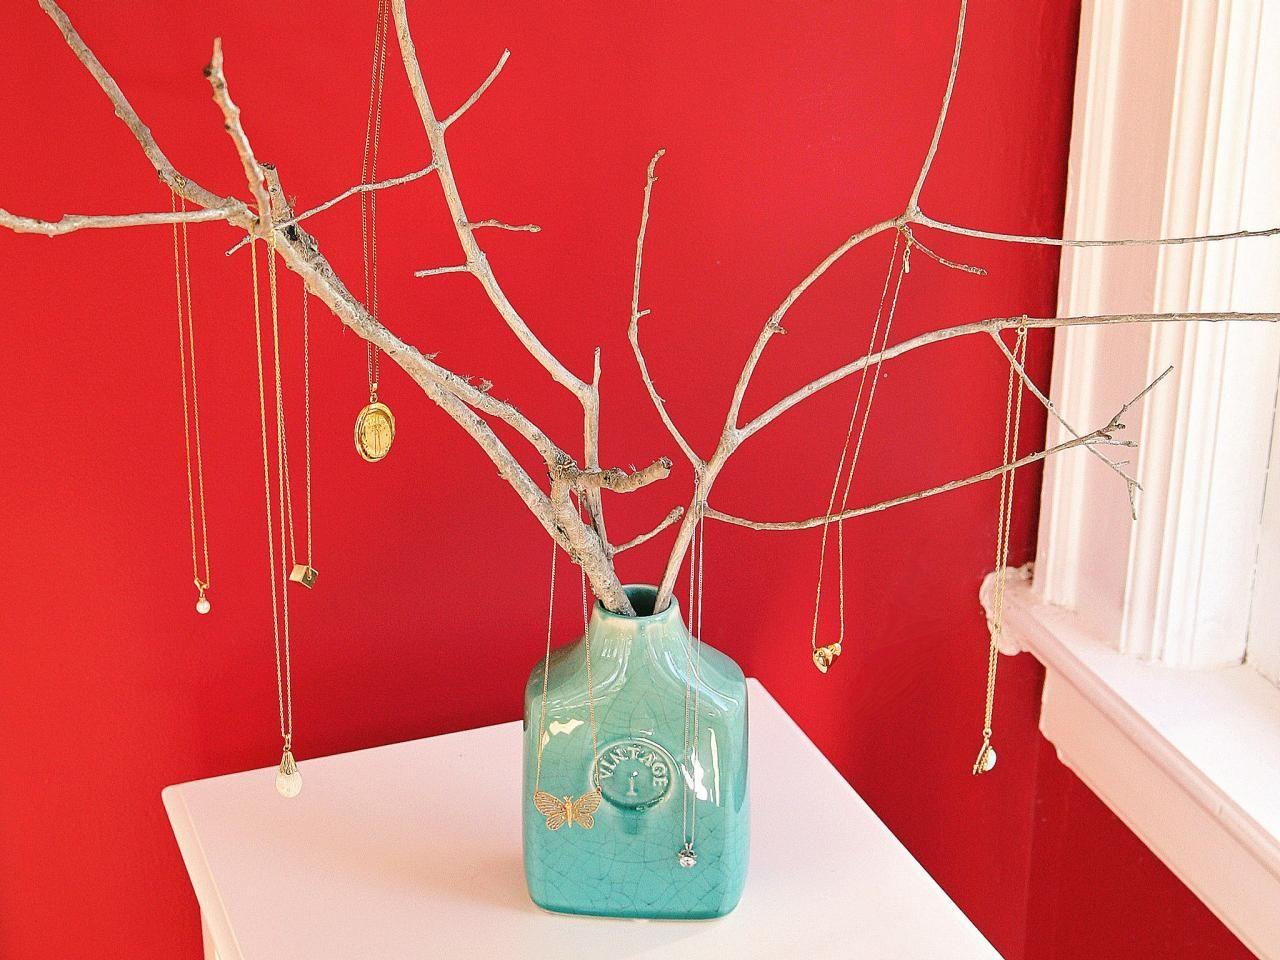 9 pin worthy jewelry storage ideas display jewelry storage and 9 pin worthy jewelry storage ideas diy jewelry treejewelry solutioingenieria Image collections